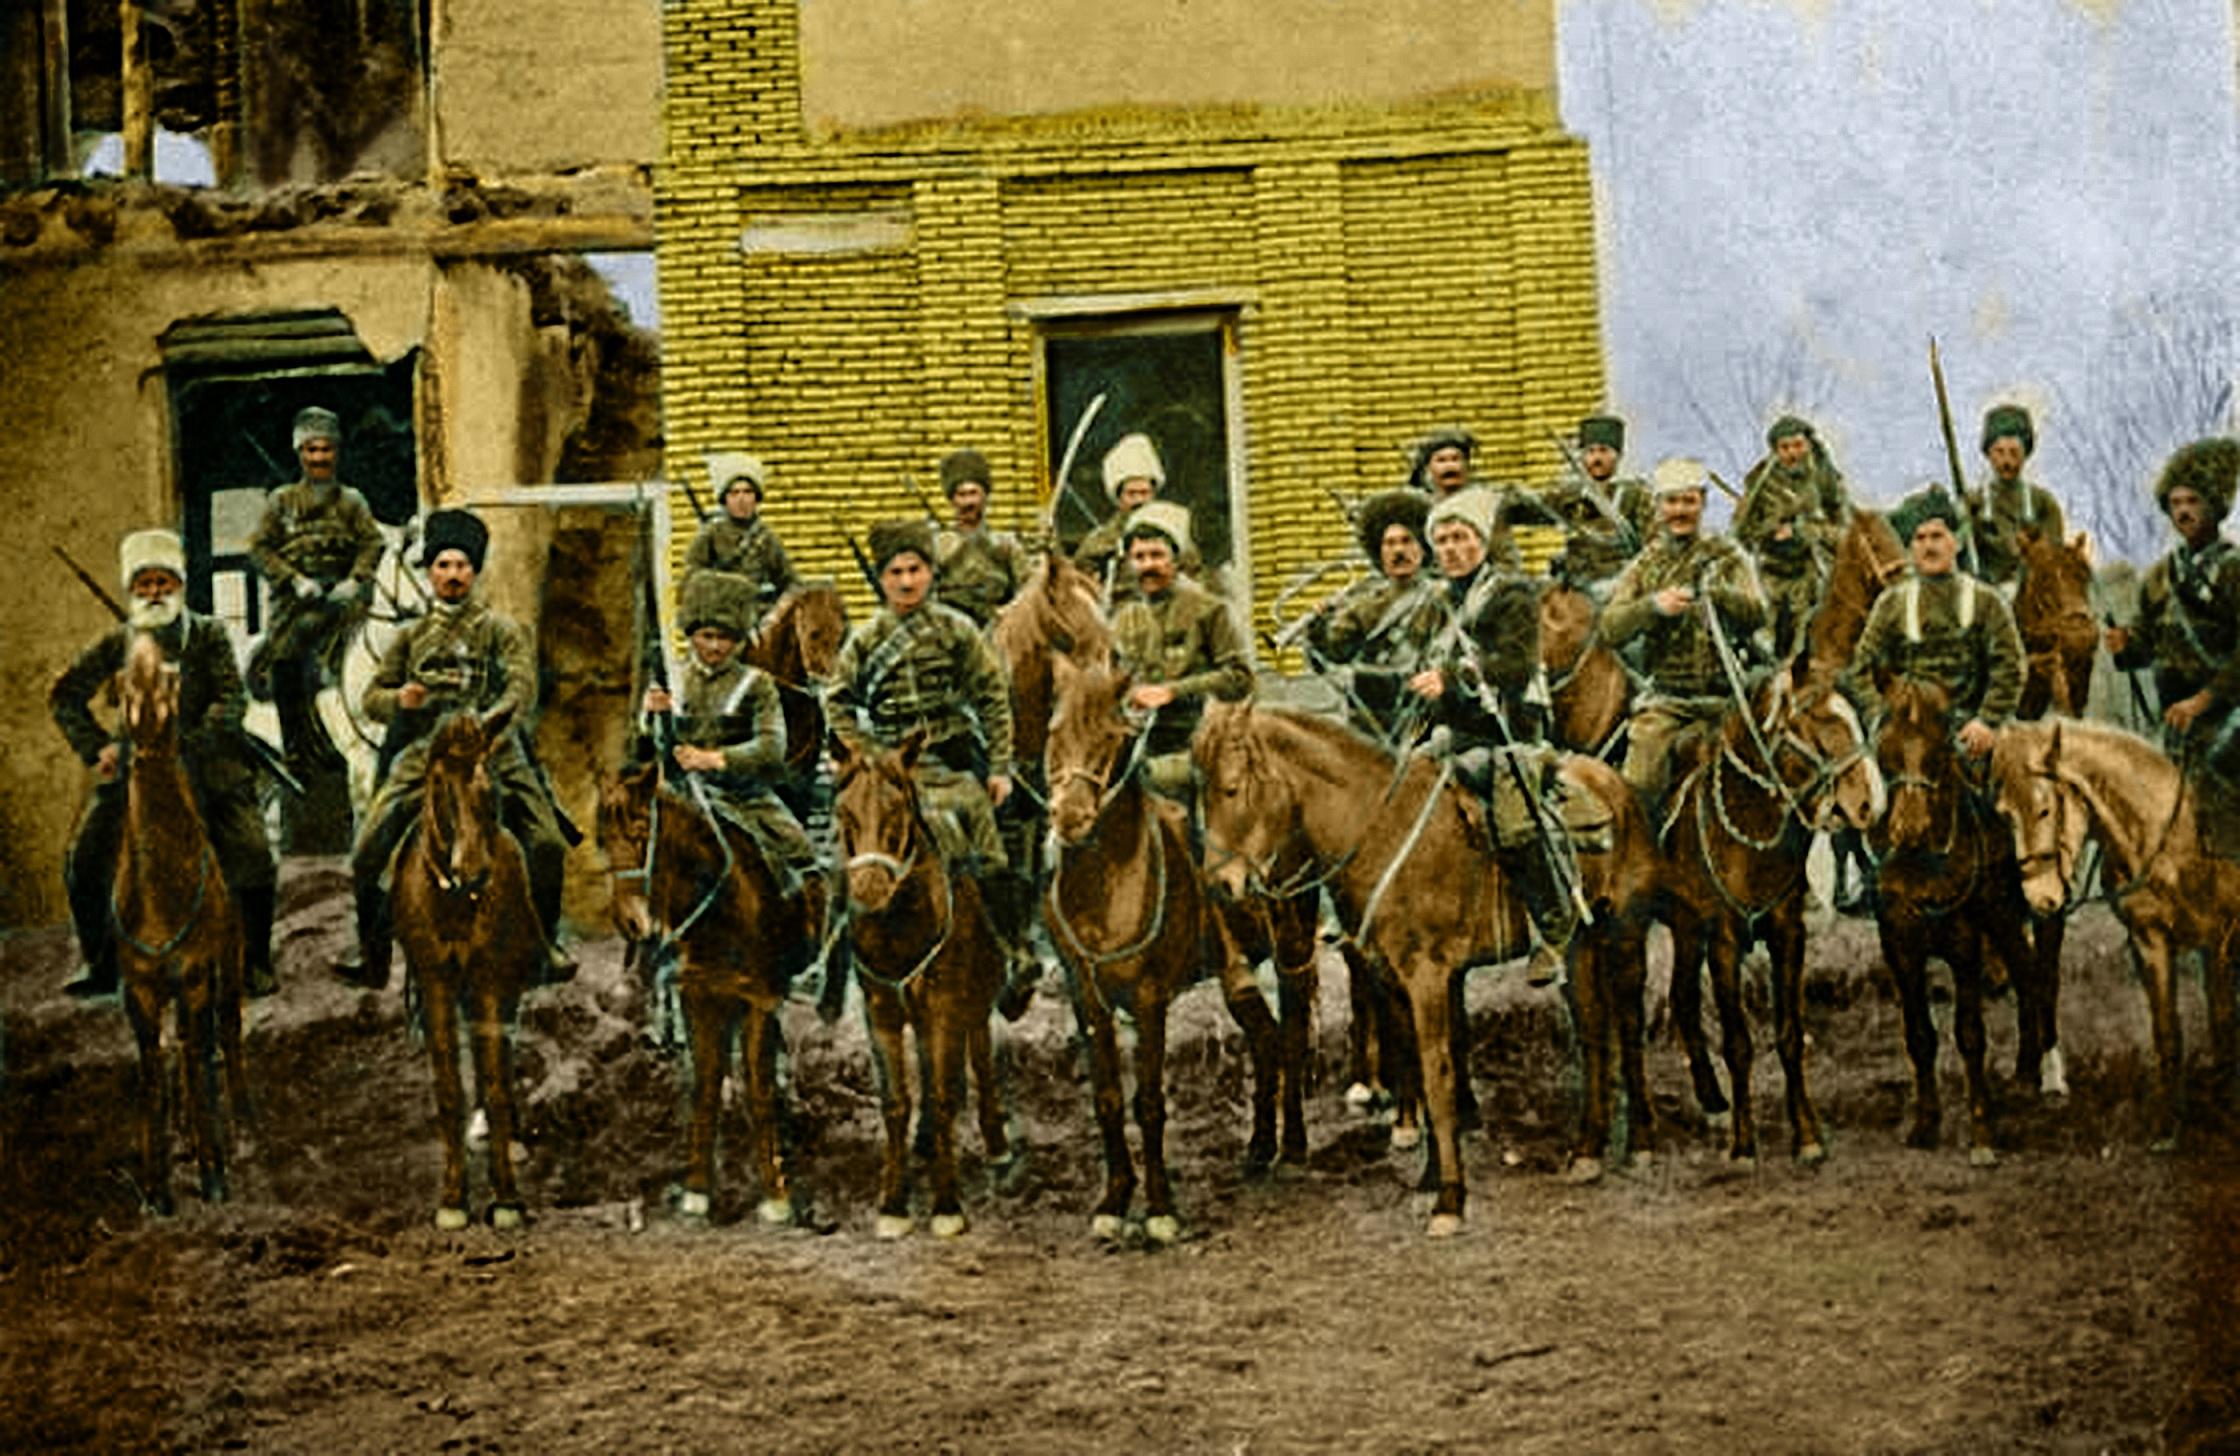 Êzîdîsche & armenische Widerstandskämpfer unter der Führung von Jangir Agha, vermutlich im Jahr 1914 in Van